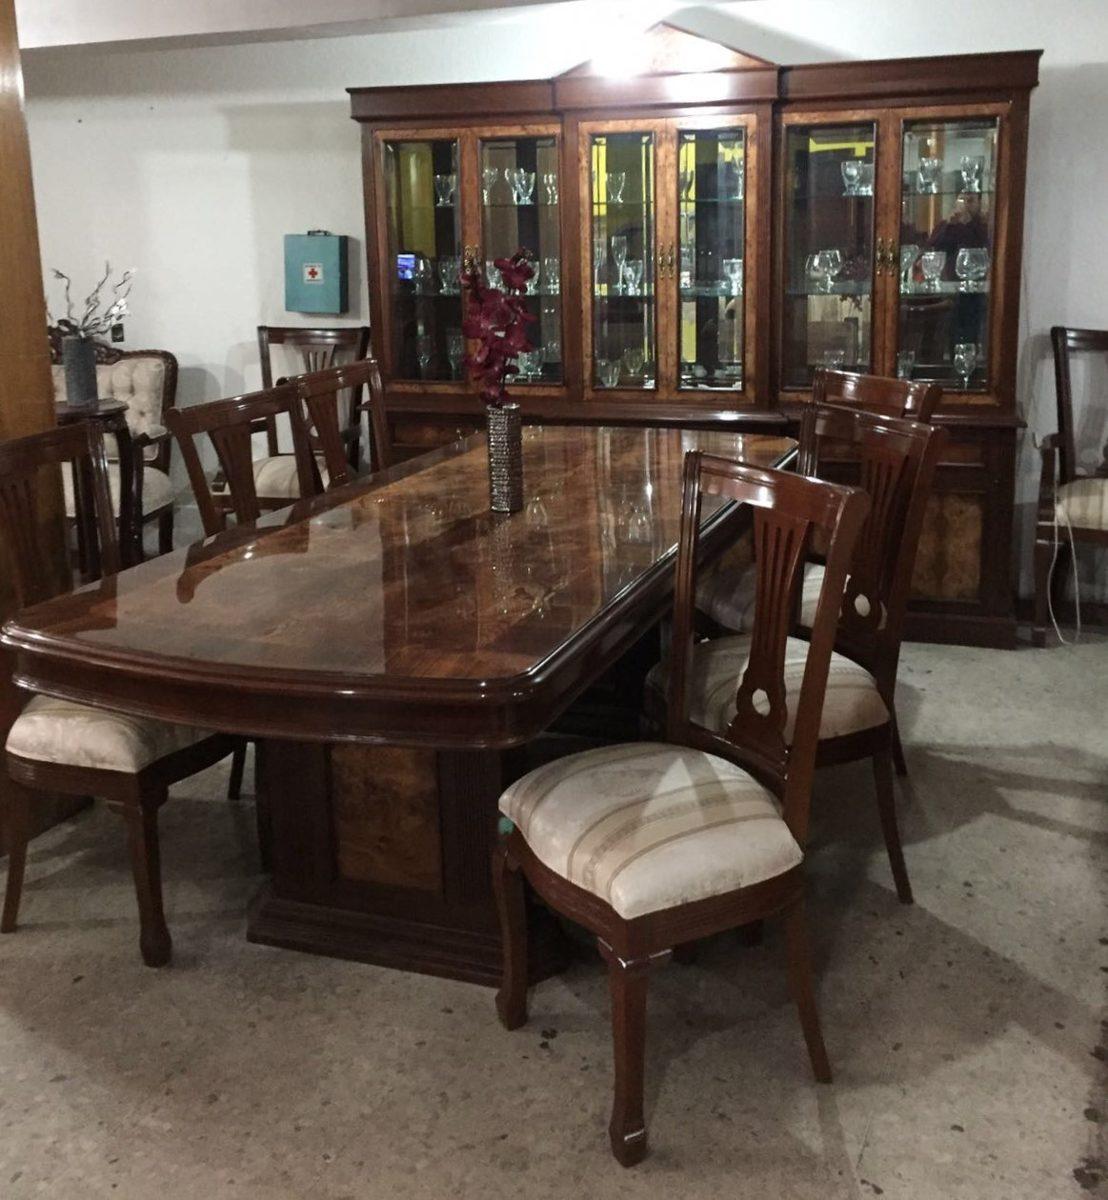 Comedor Provenzal Modernista Modelo Ingls En Madera Fina   8300000 en Mercado Libre